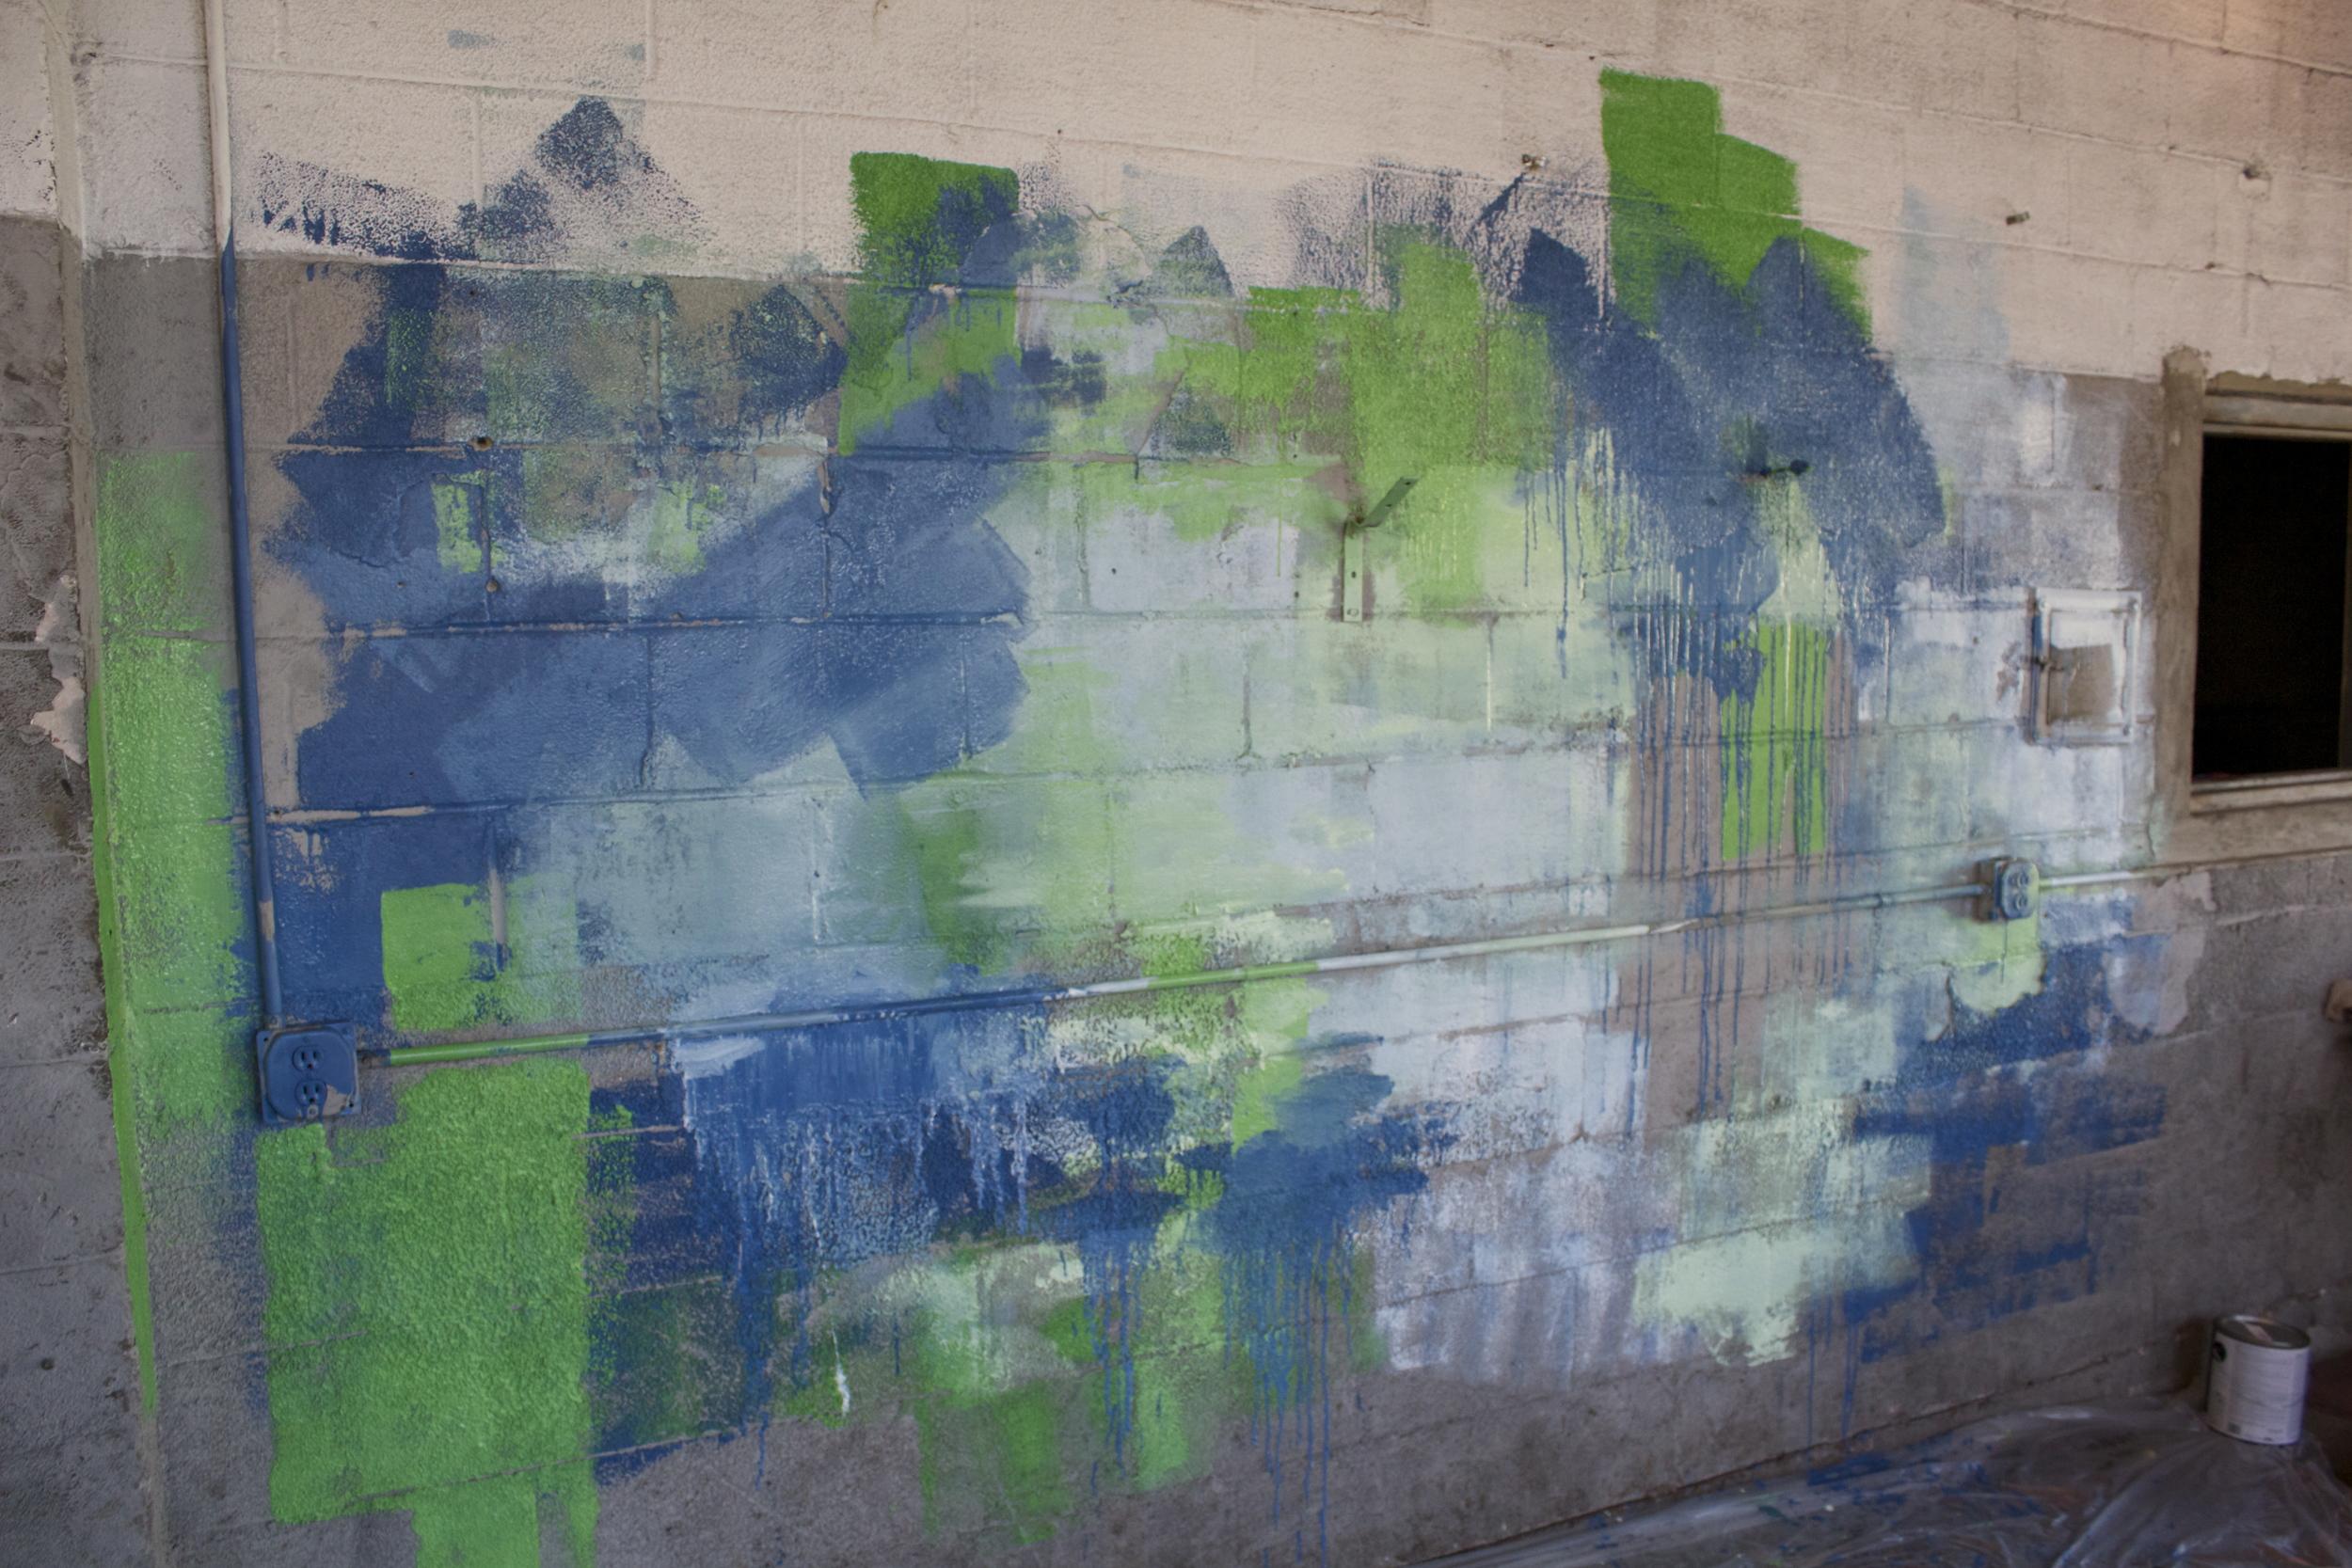 habitat for humanity mural -